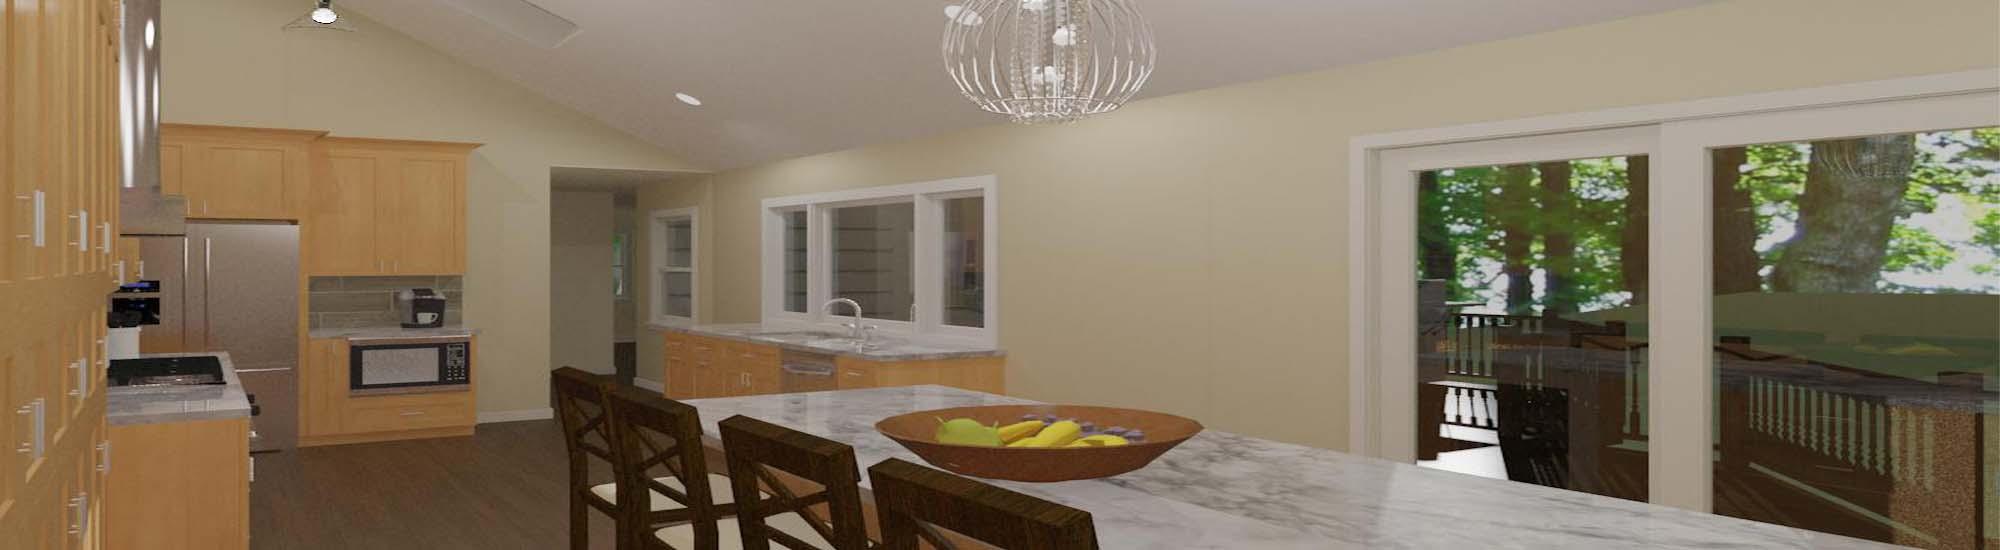 kitchen-cad-2-design-build-pros